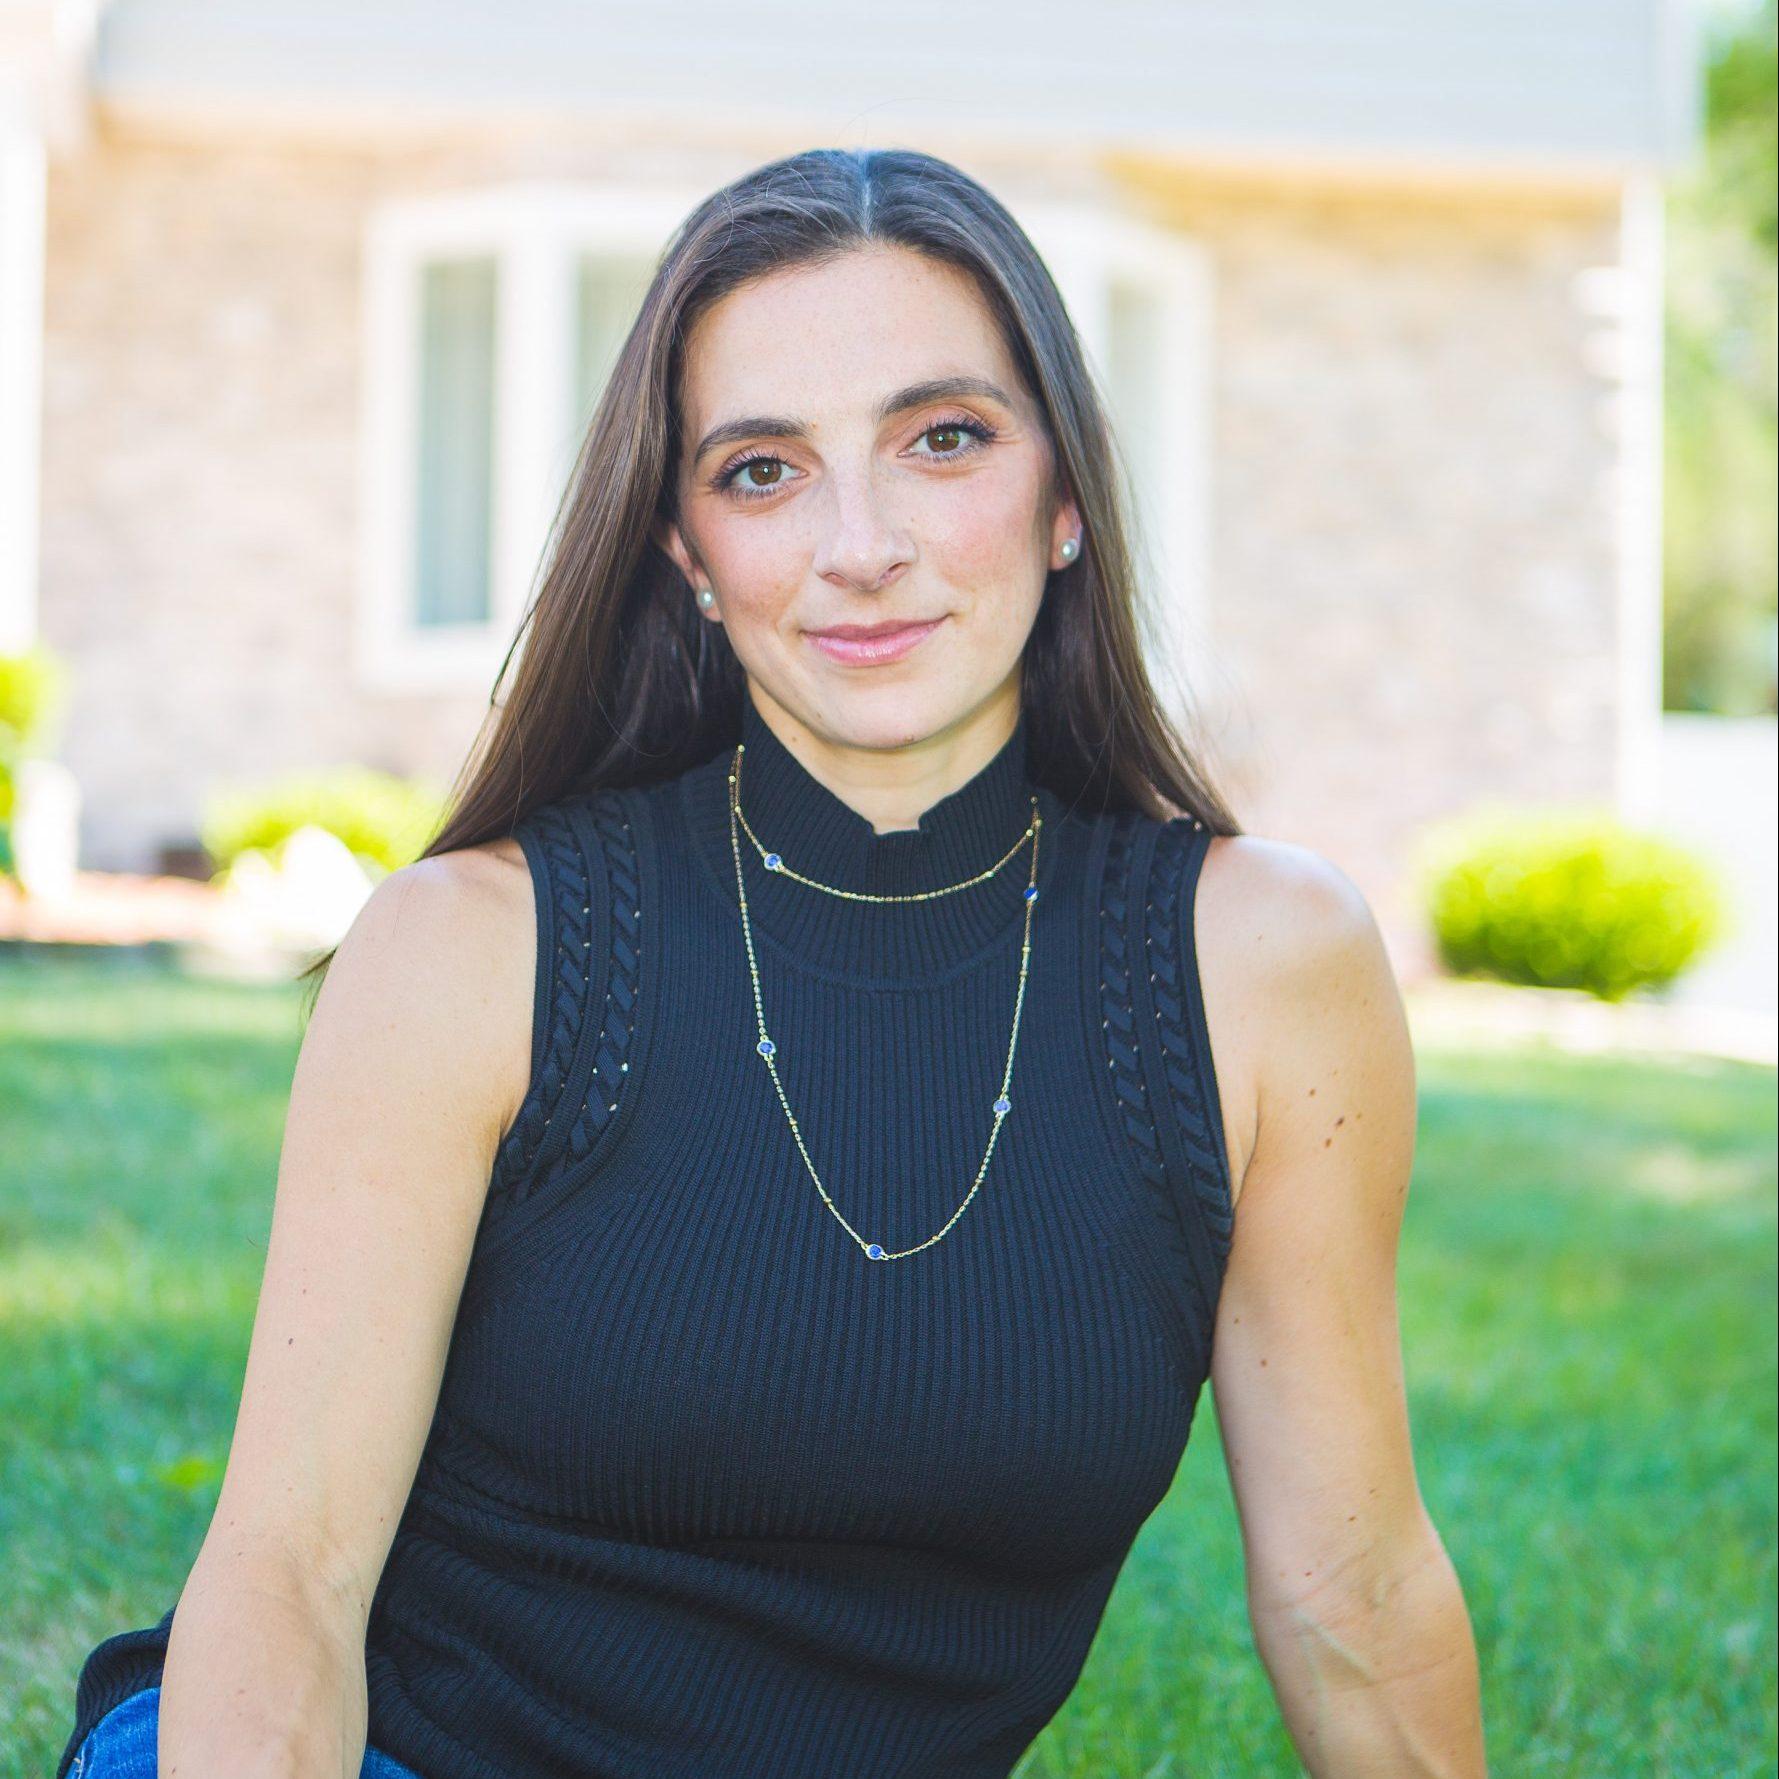 Jacqueline Pezzillo